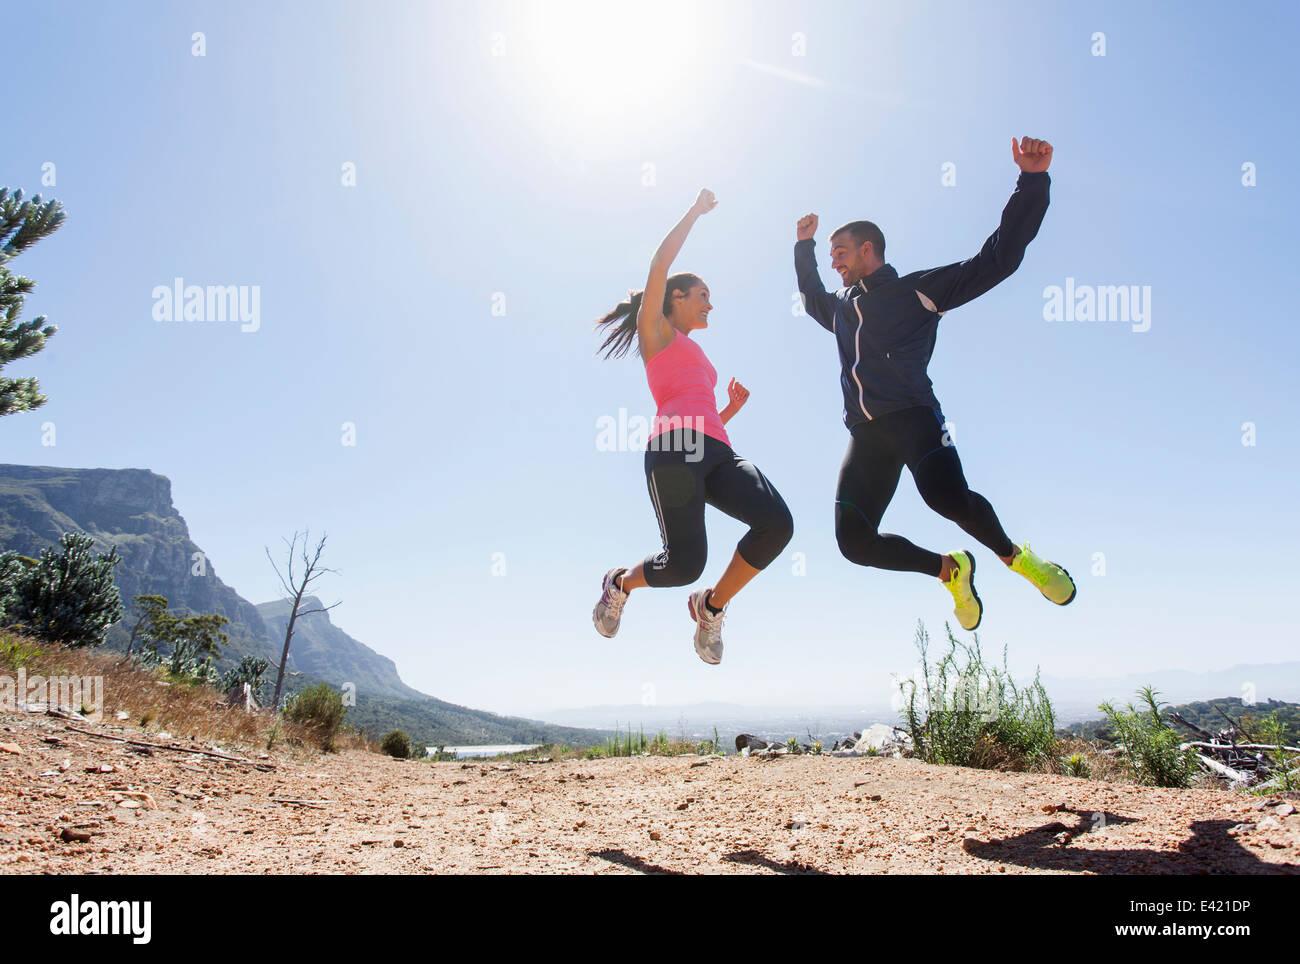 Los jóvenes deportistas saltar en el aire. Imagen De Stock